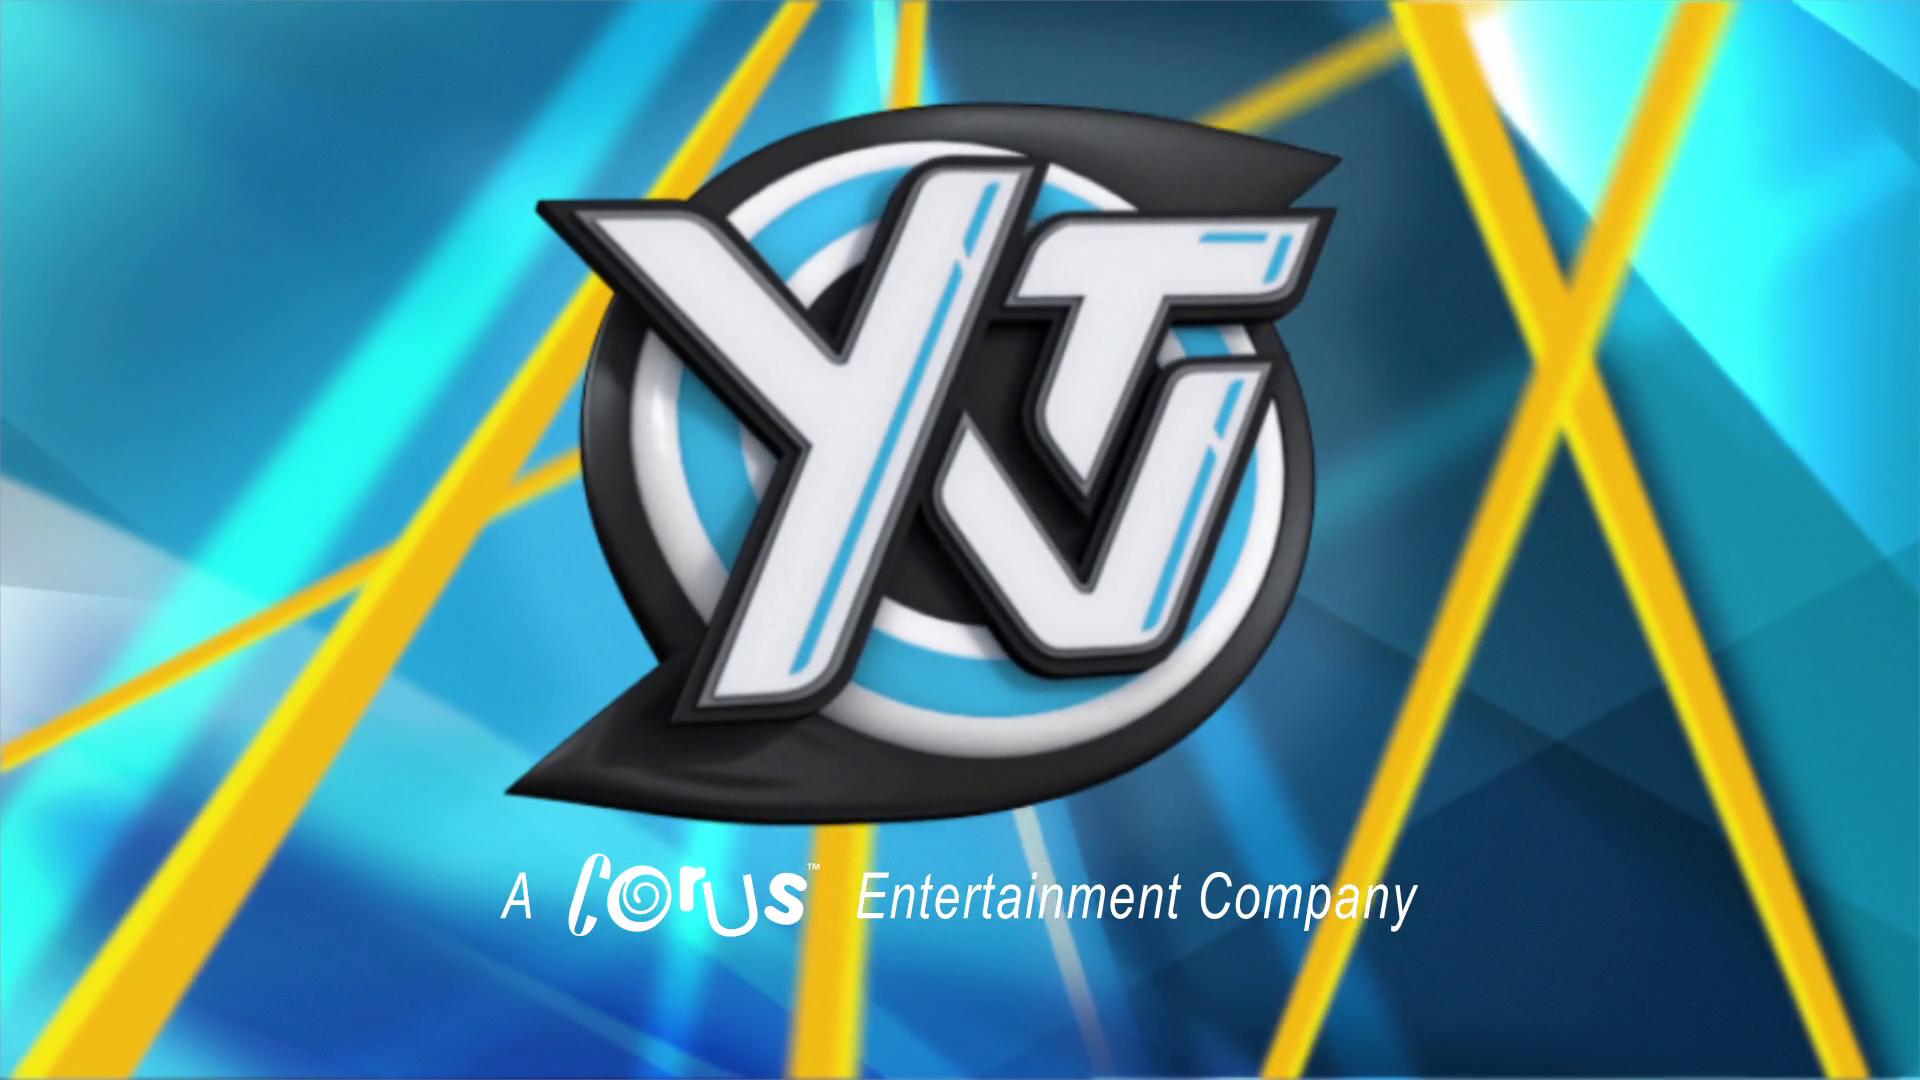 Ytv Logopedia Image - YTV 2007 HD.pn...